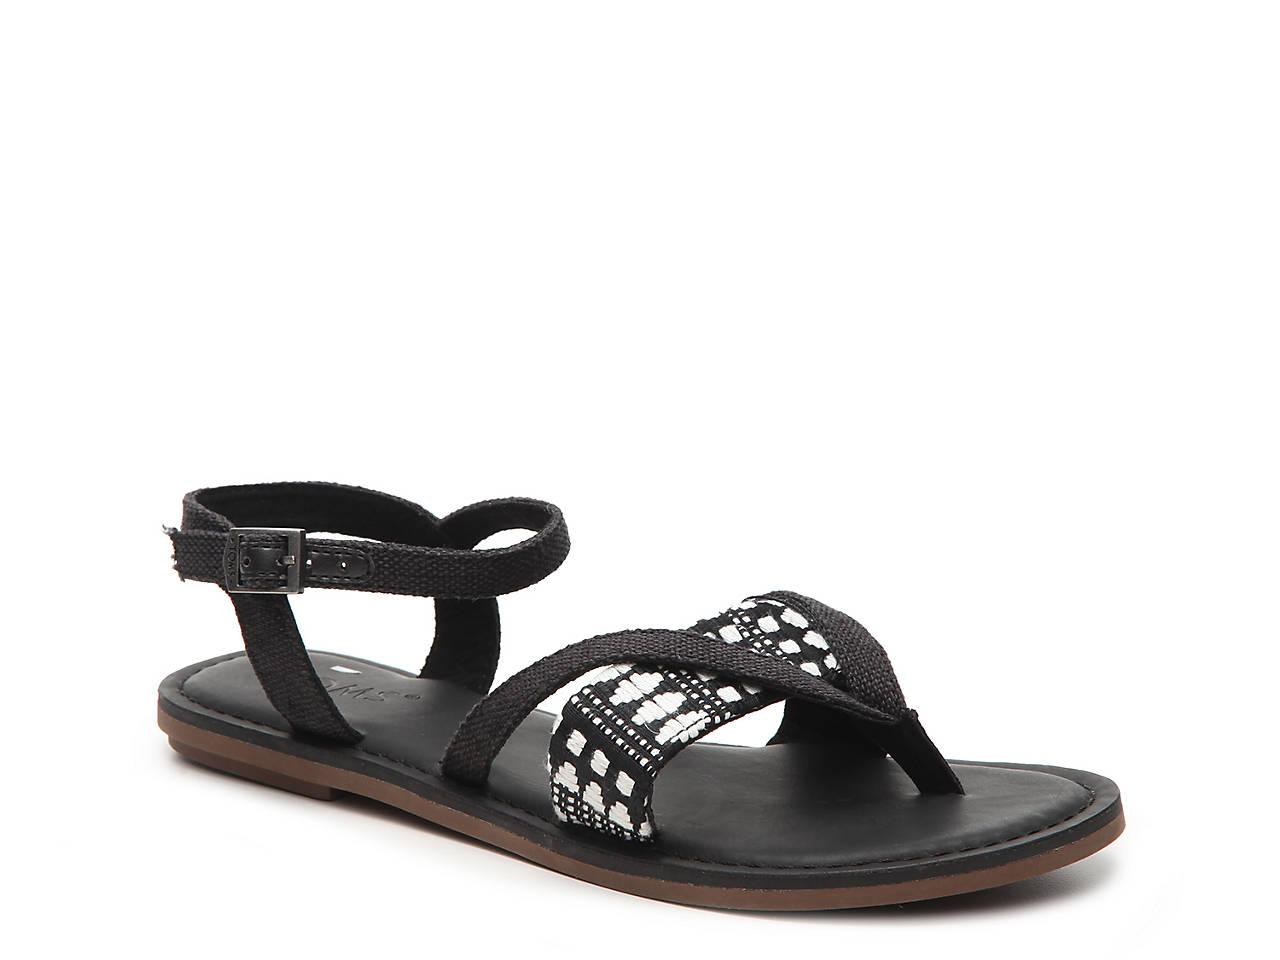 293faddfa24 TOMS Lexie Sandal Women s Shoes